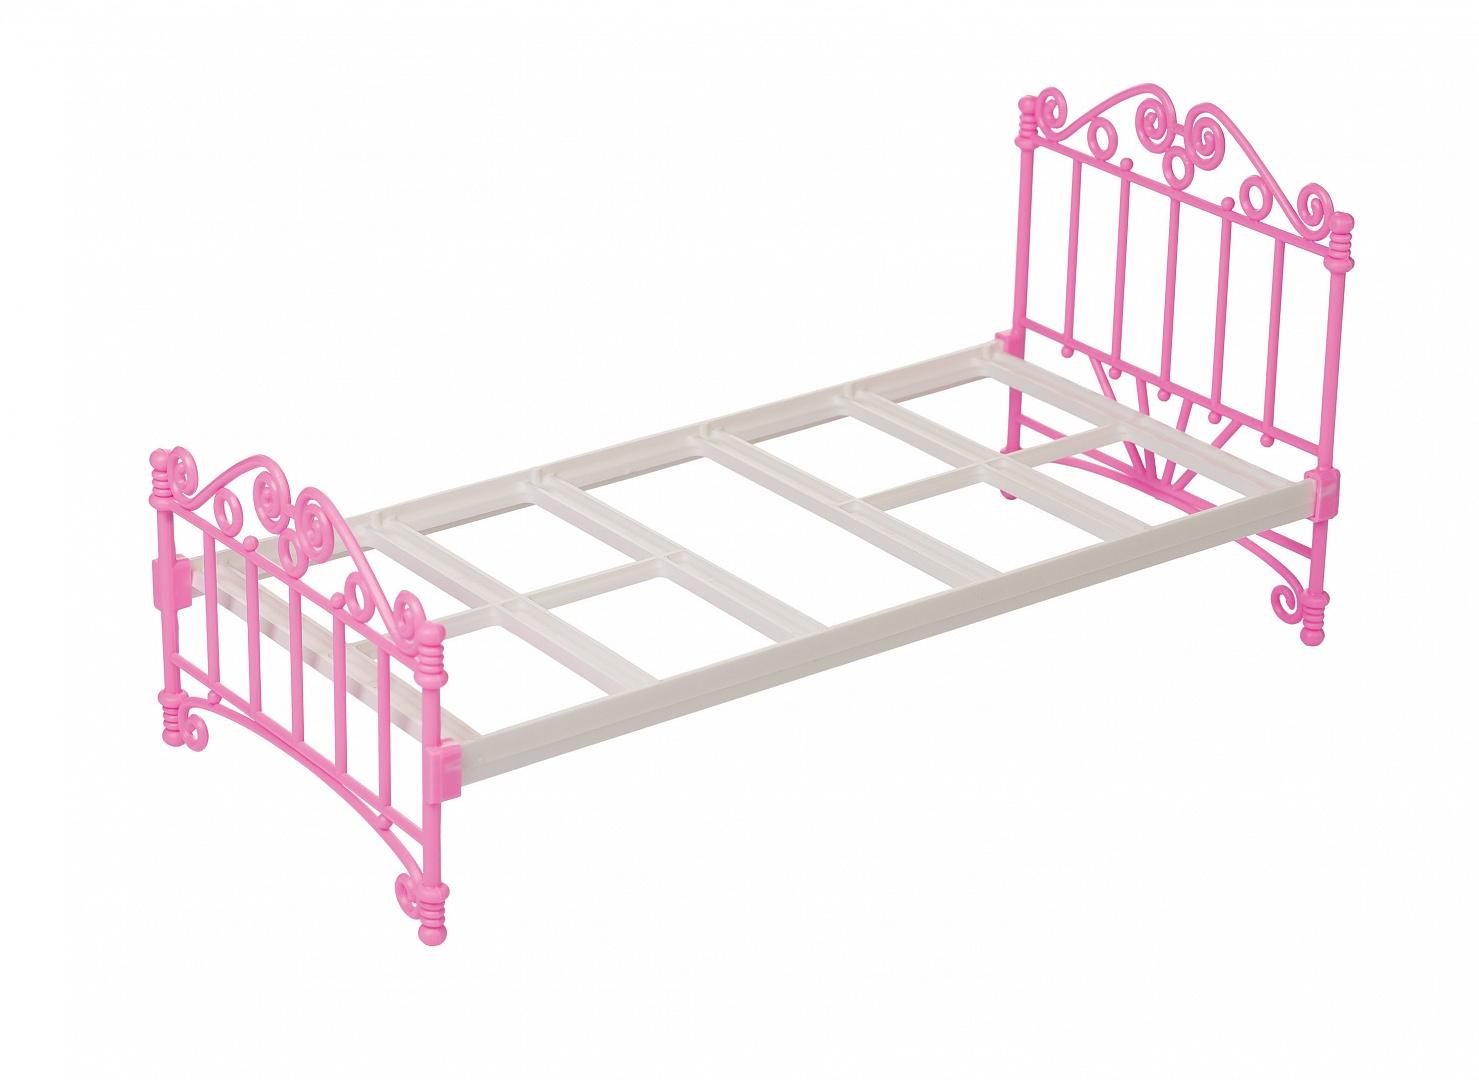 Кроватка для куклы, розоваяДетские кроватки для кукол<br>Кроватка для куклы, розовая<br>